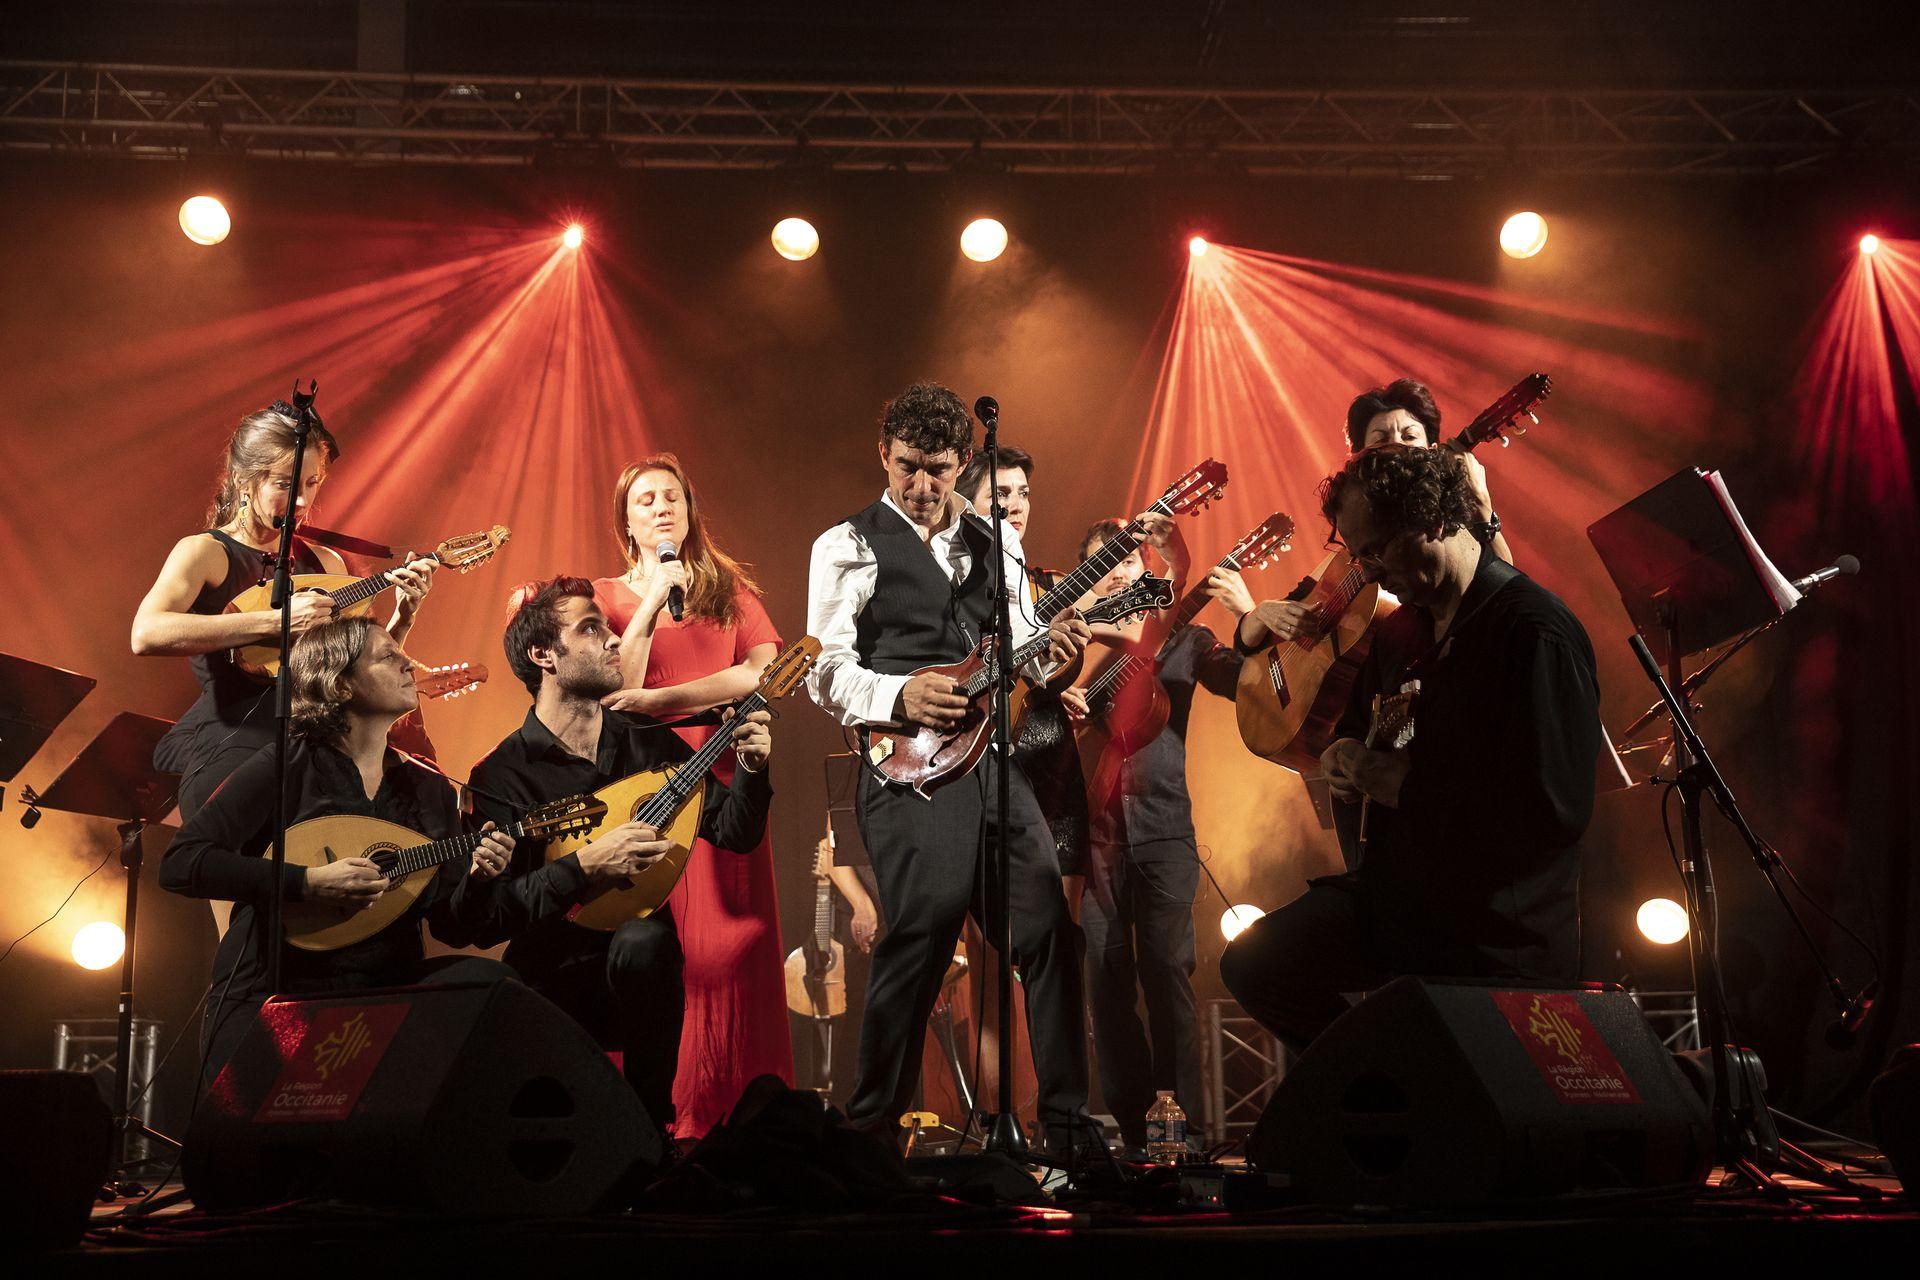 Feloche et musiciens en train de jouer de la guitare et autres instruments à cordes sur la scène de l'Opéra à Montpellier dans le cadre des Internationales de la Guitare Sud de France